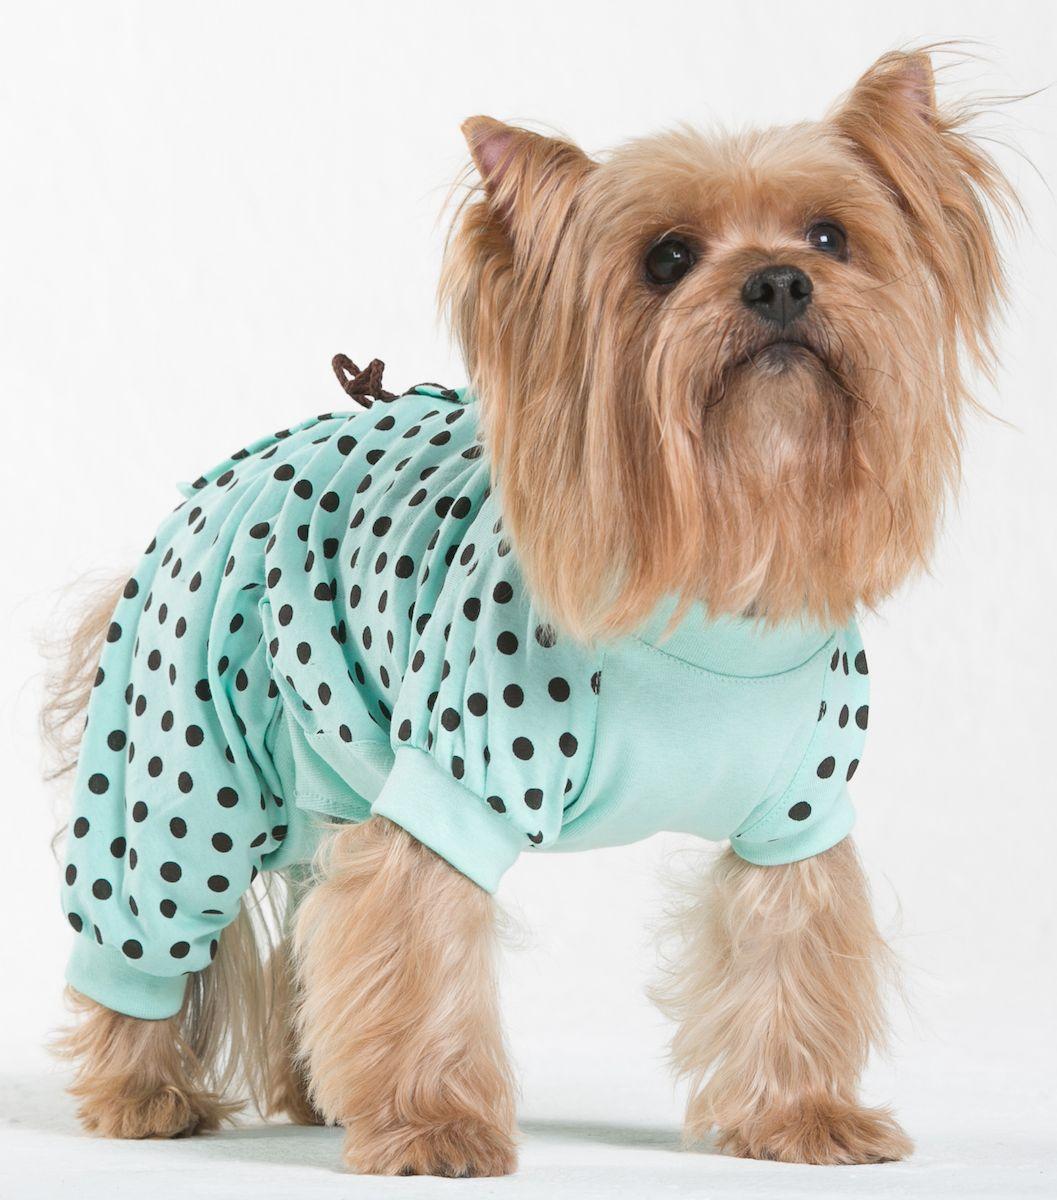 Трикотаж для собак Yoriki Витаминка, для девочки. 215-23. Размер L215-23Обхват шеи: 29 см.Обхват груди: 45 см.Длина спины: 28 см.Одежда для собак: нужна ли она и как её выбрать. Статья OZON Гид